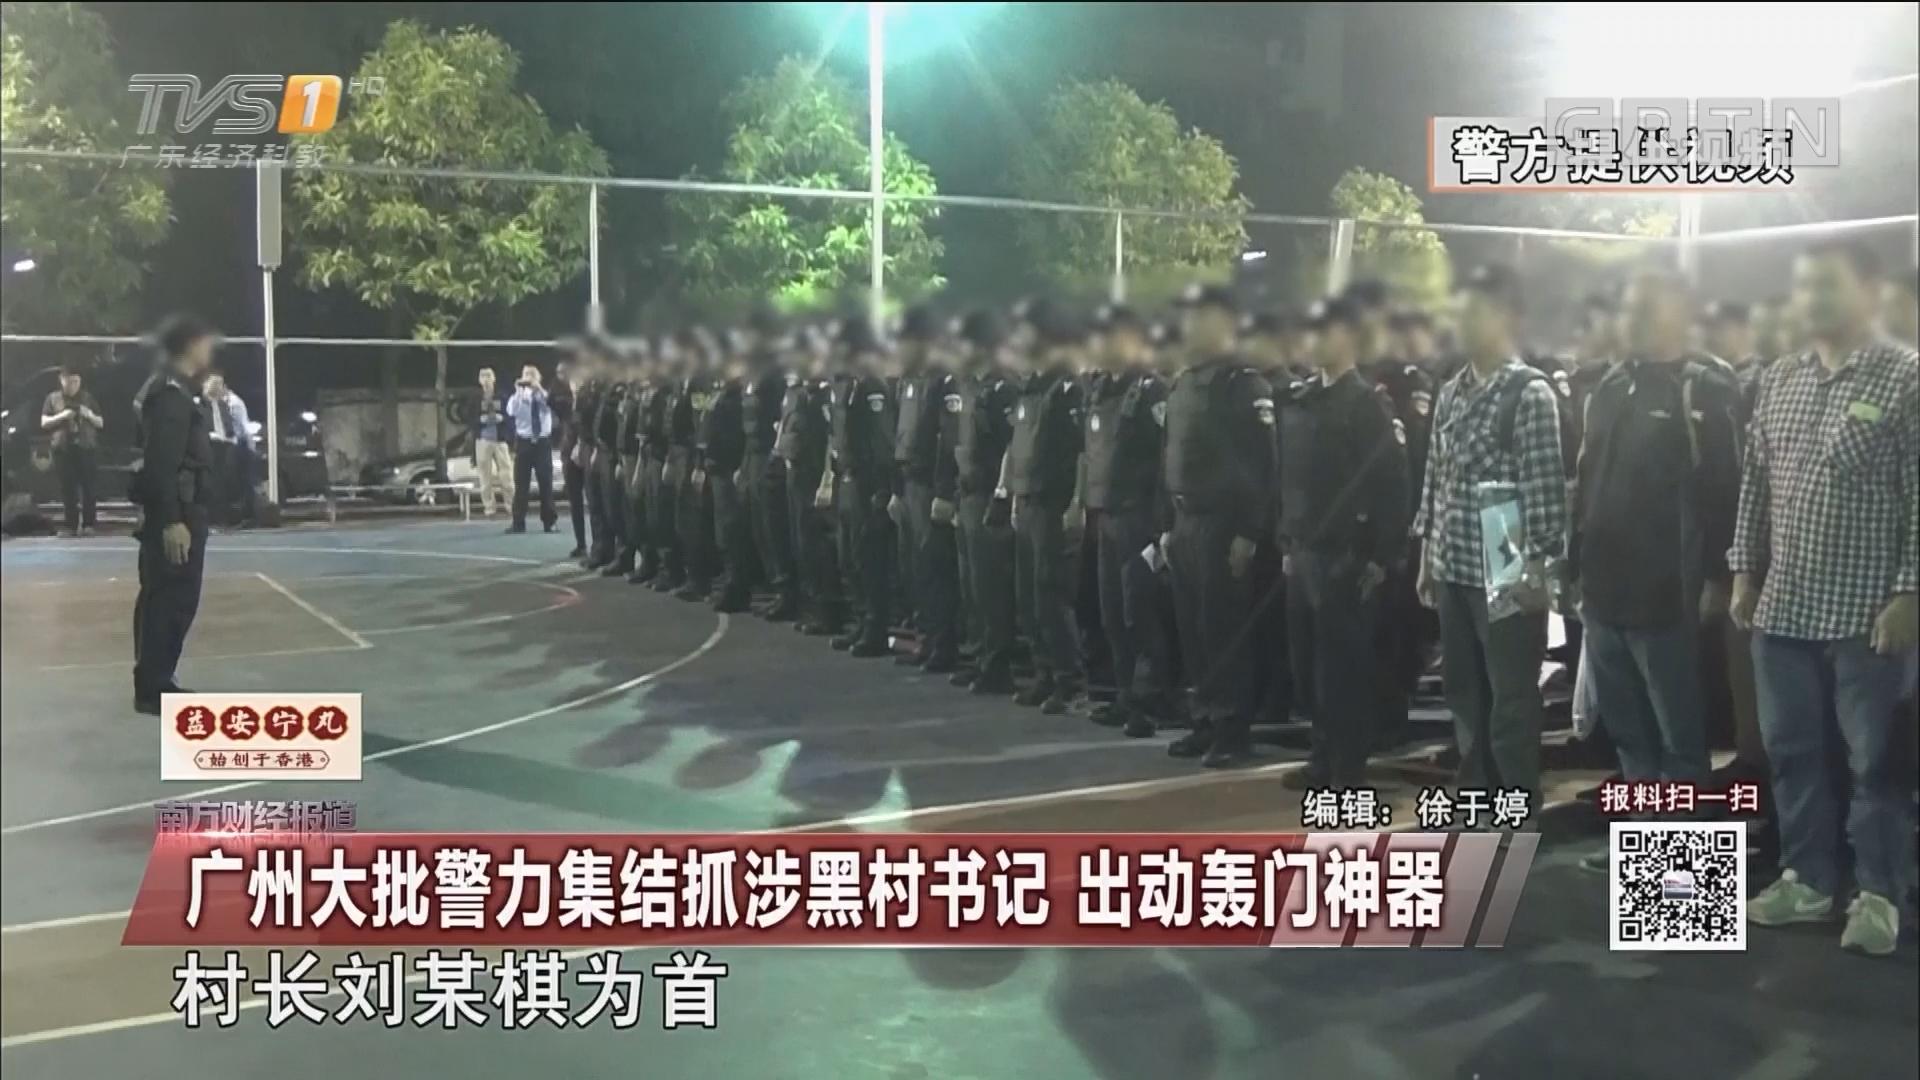 广州大批警力集结抓涉黑村书记 出动轰门神器